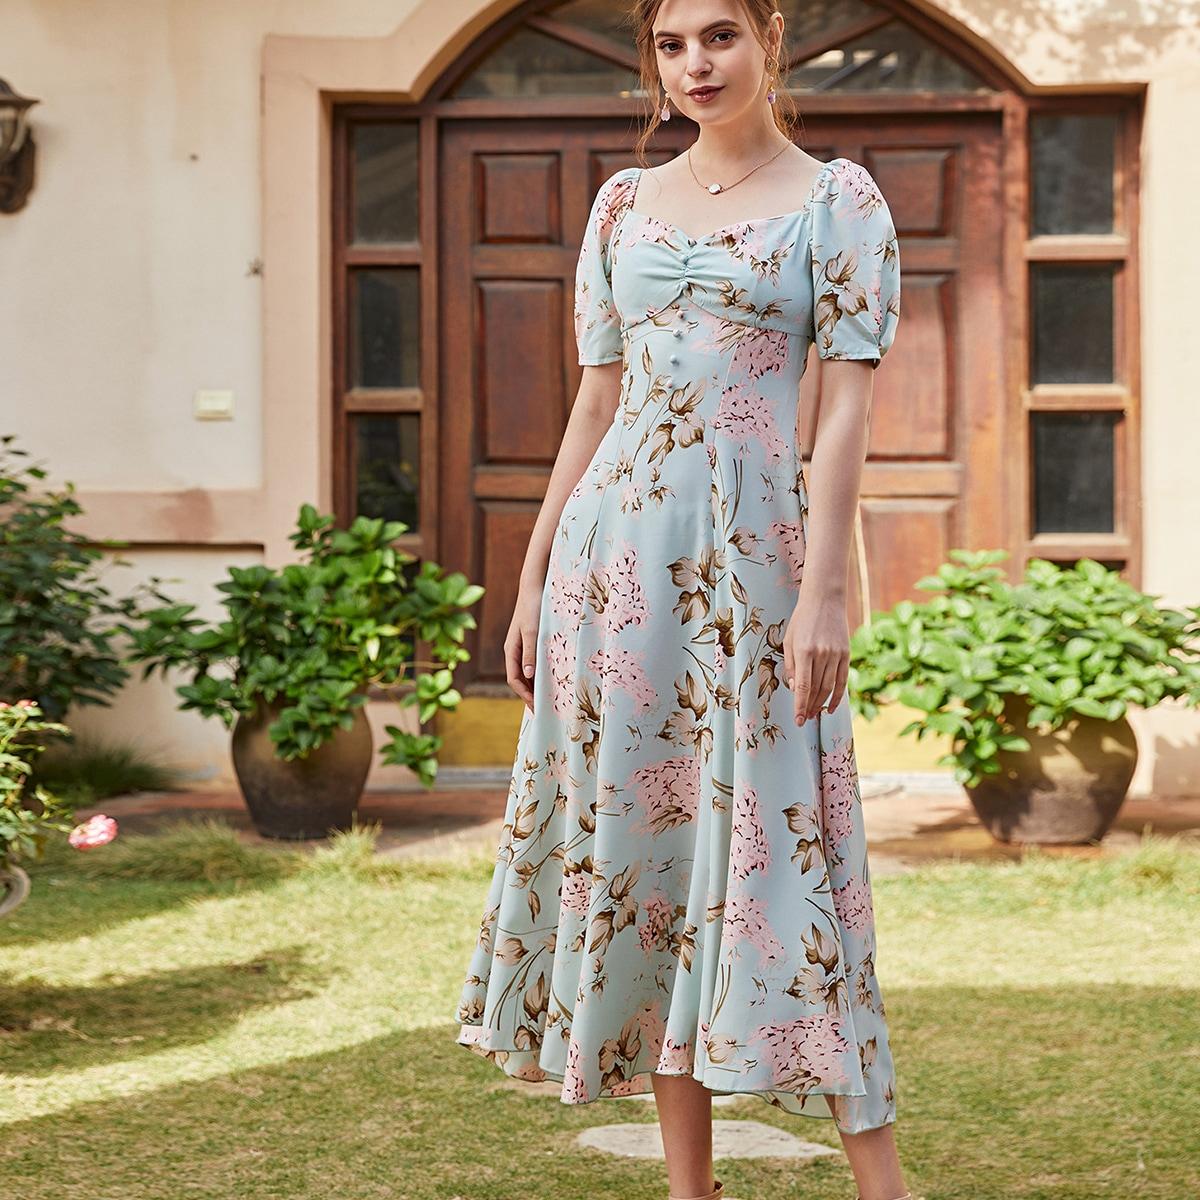 со сборками Цветочный принт Элегантный Платье